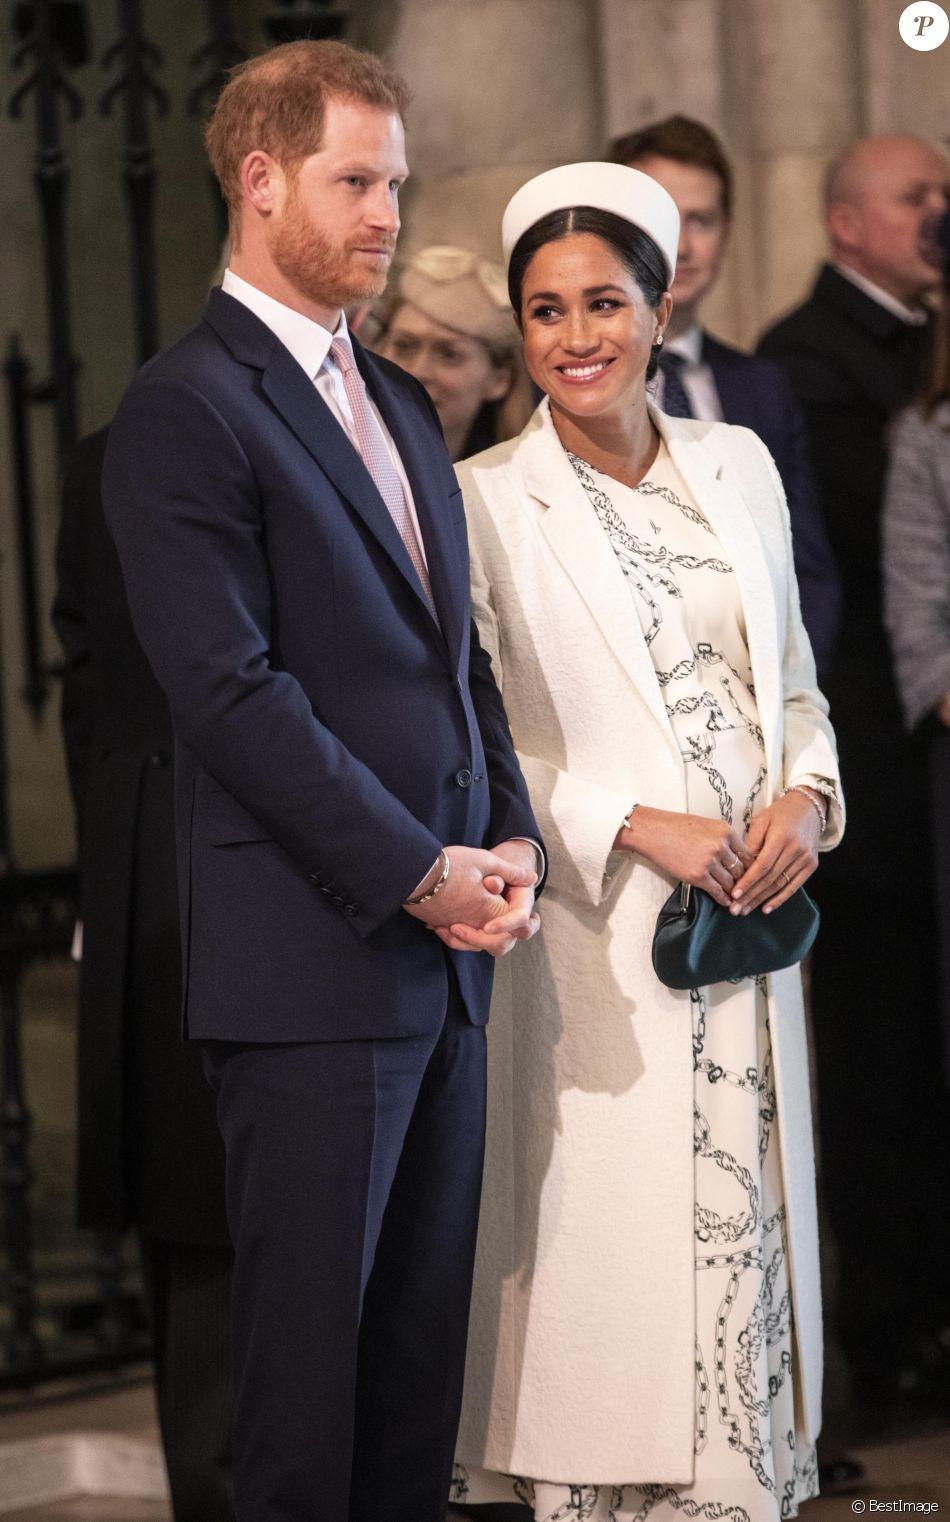 Le prince Harry et Meghan Markle, duchesse de Sussex, enceinte, à la messe en l'honneur de la journée du Commonwealth à l'abbaye de Westminster à Londres, le 11 mars 2019.